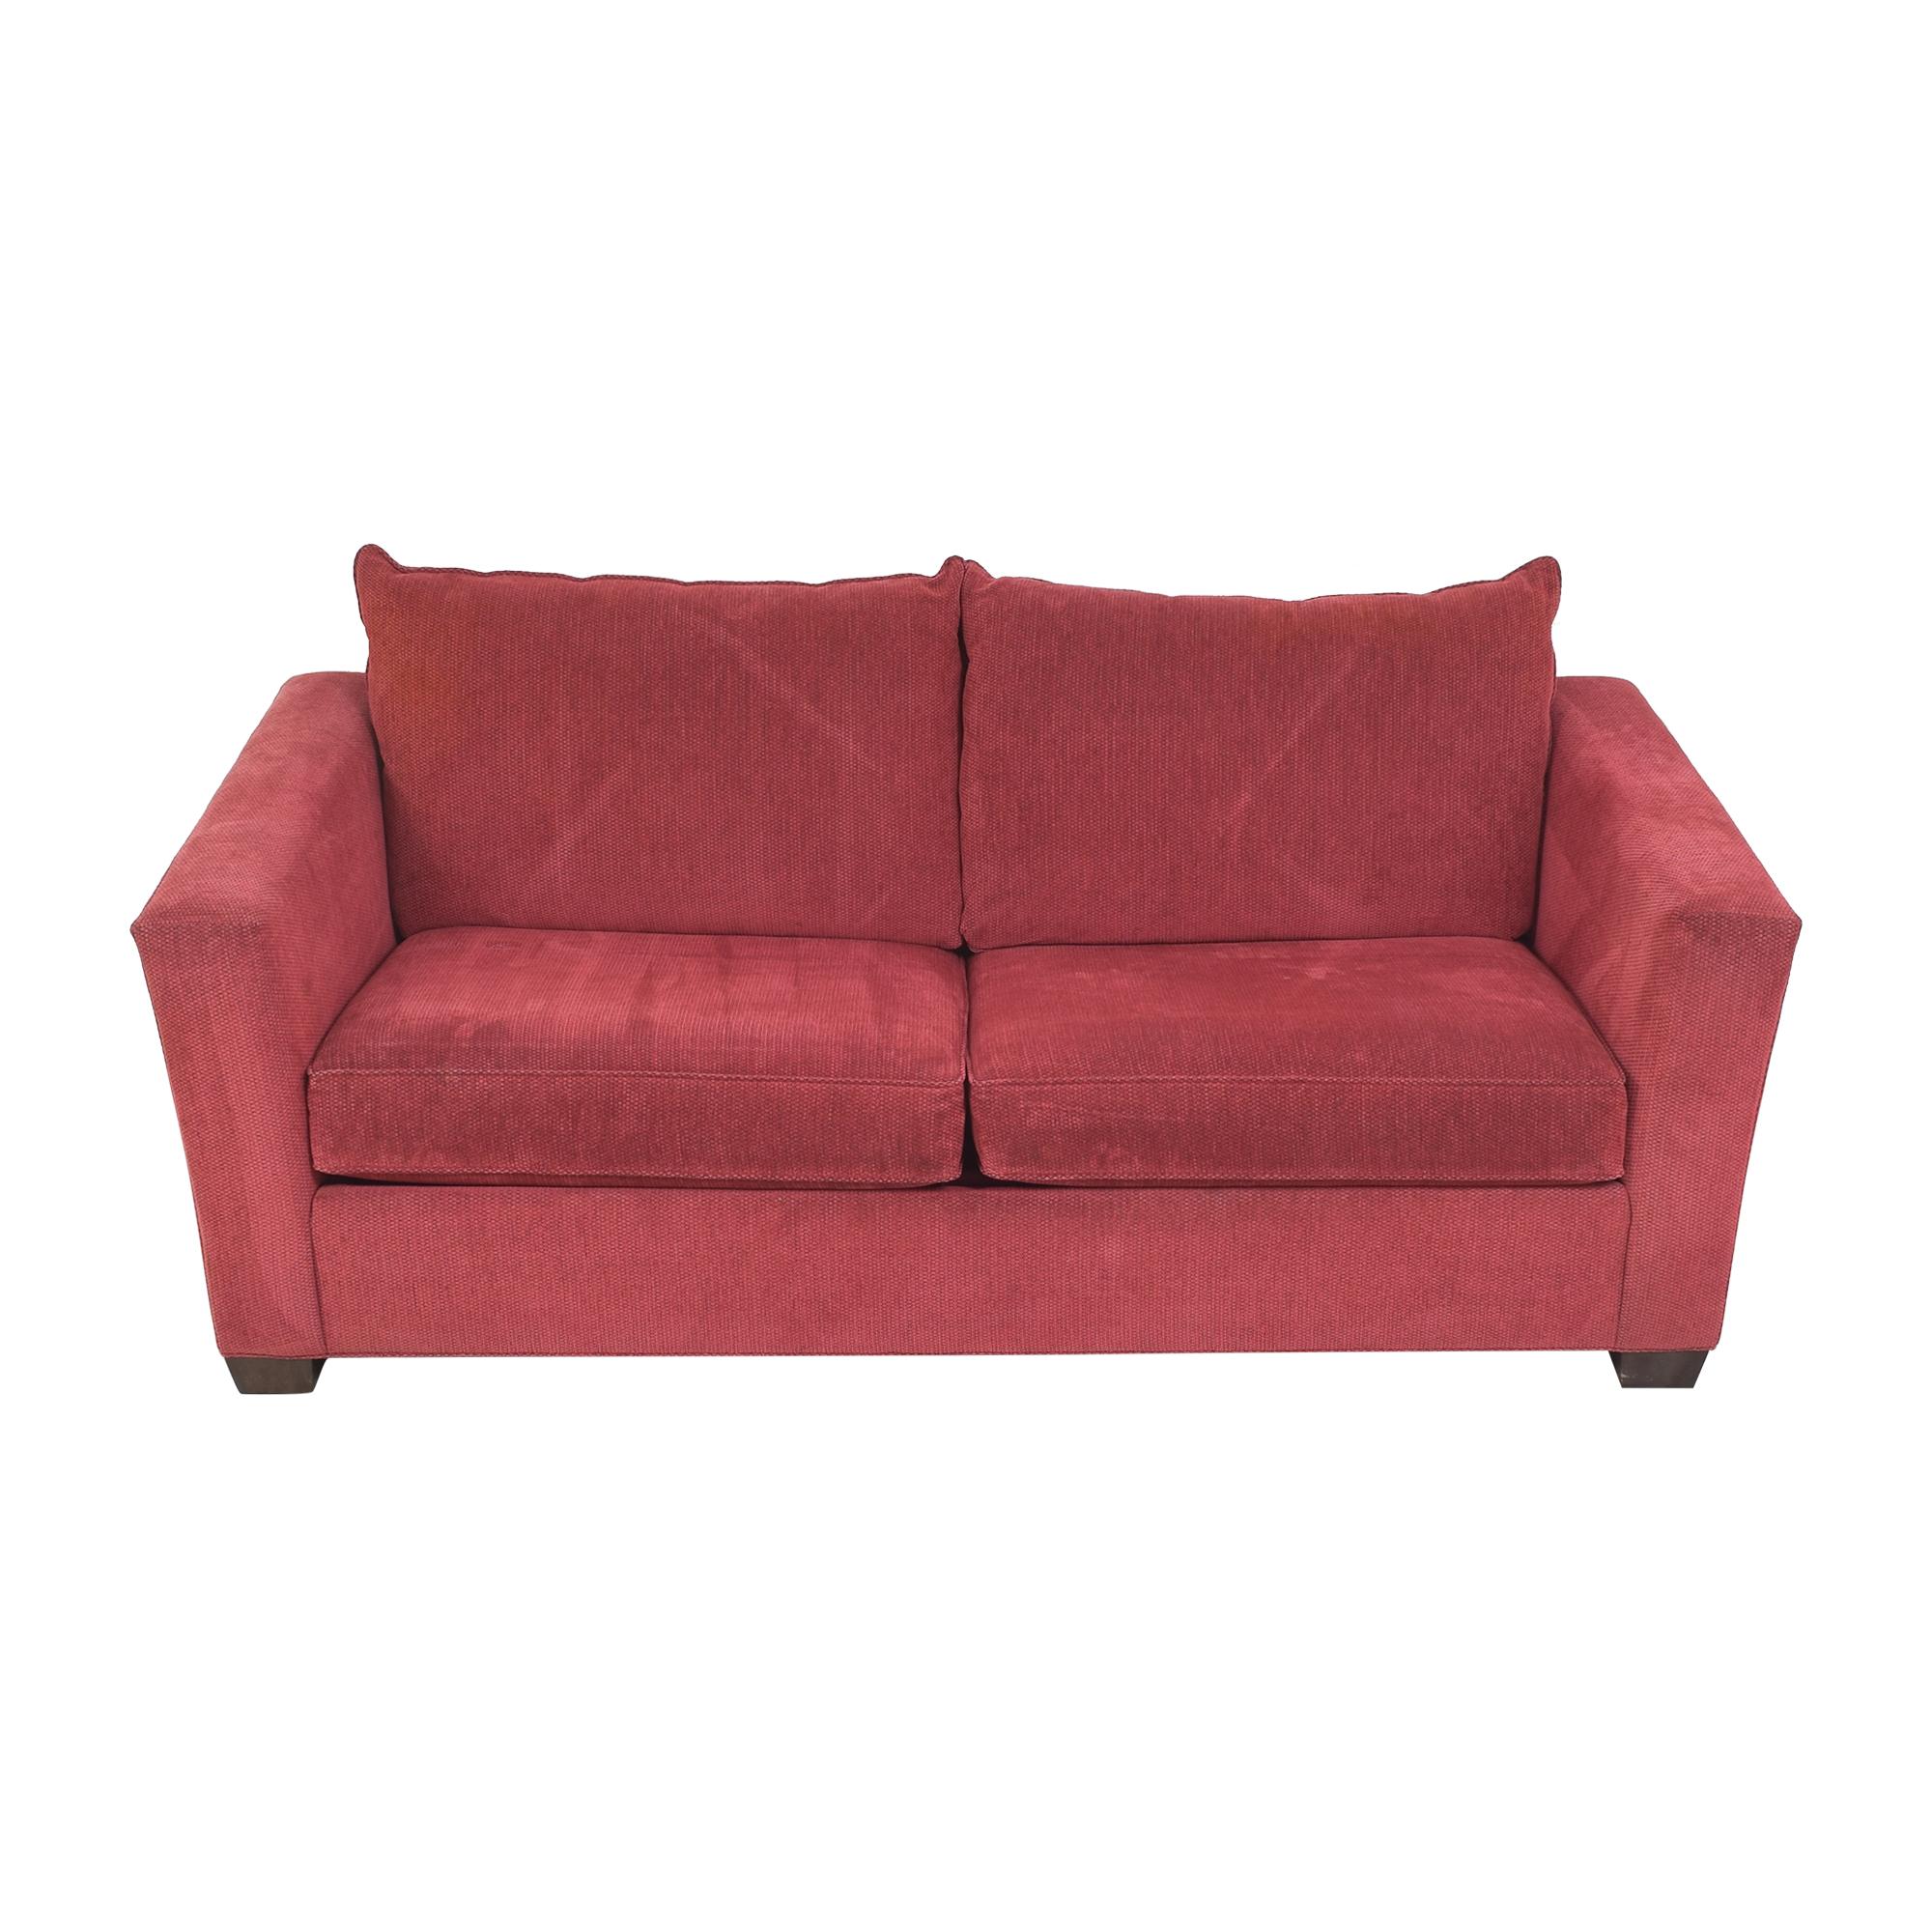 buy Ethan Allen Hampton Queen Sleeper Sofa Ethan Allen Sofa Beds